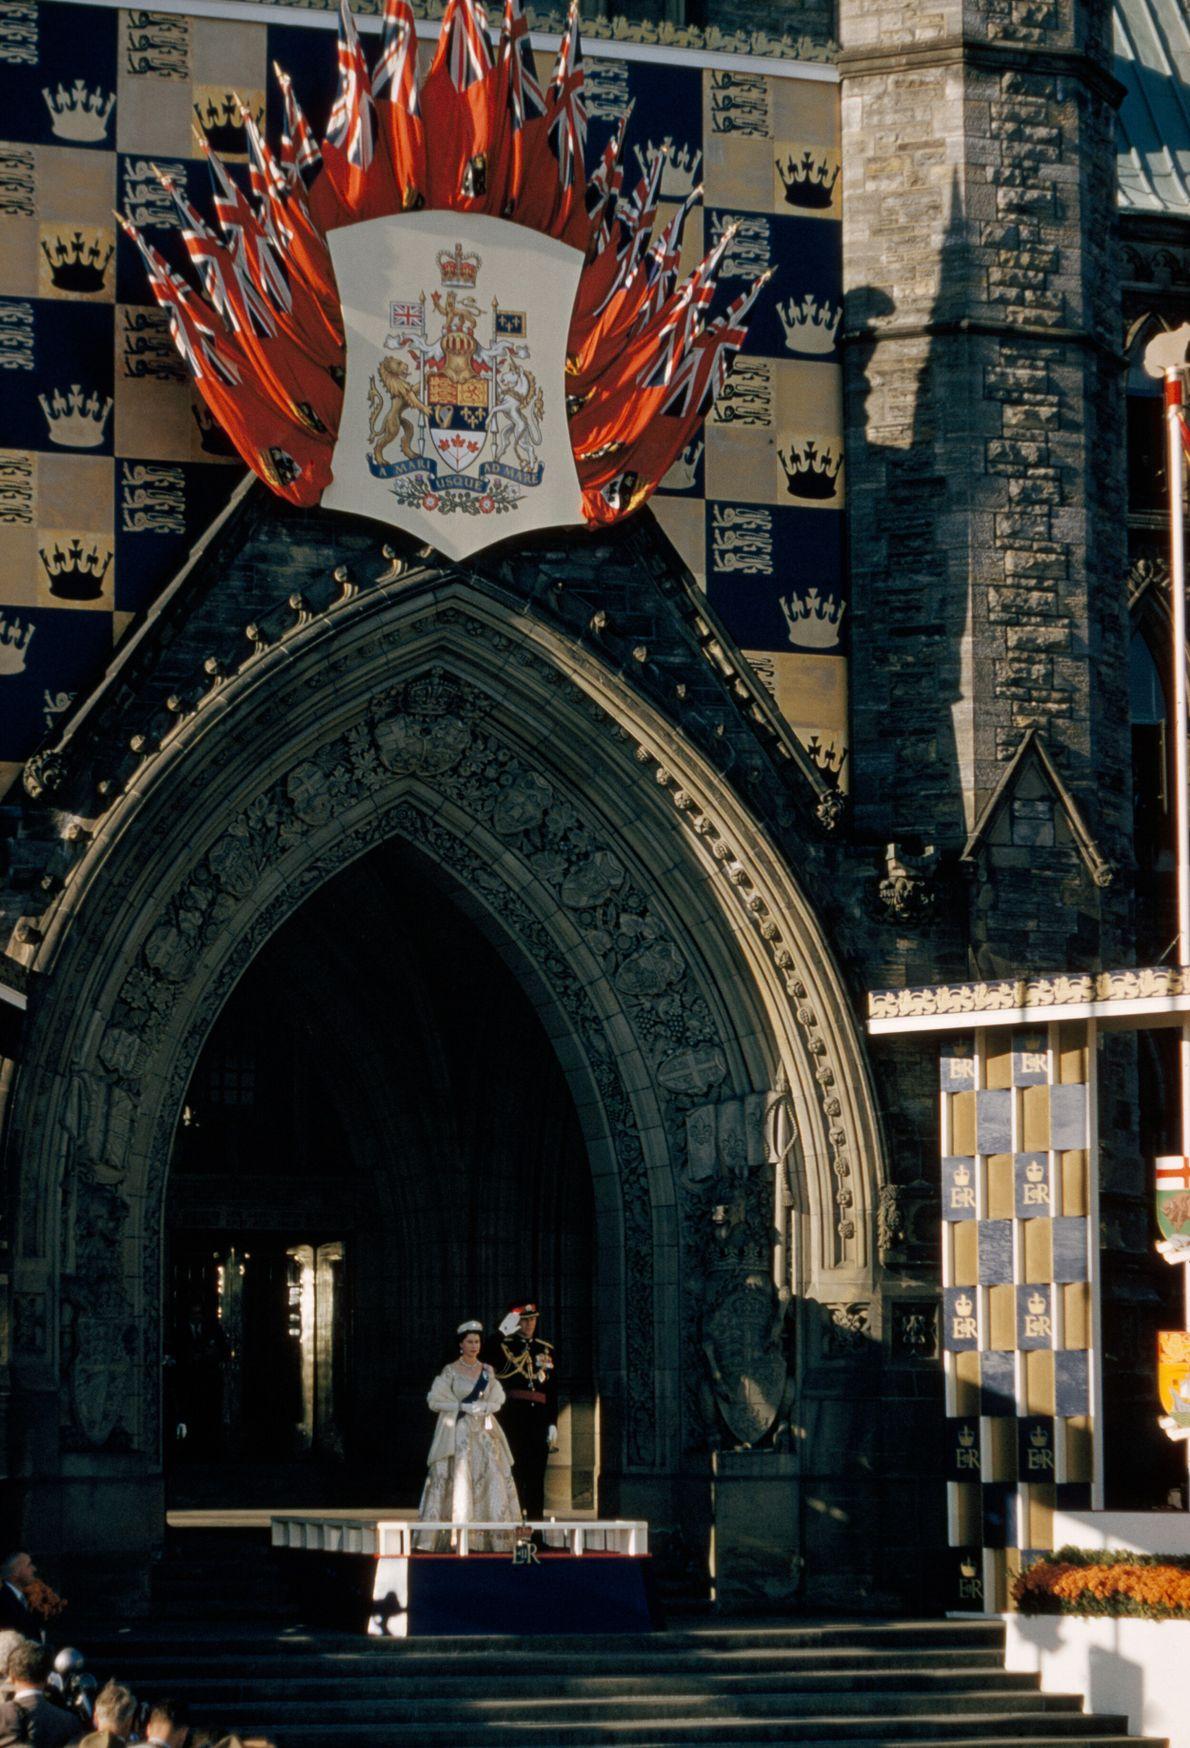 Sob um arco de arquitetura gótica, a rainha Elizabeth e o príncipe Philip participam de cerimônia e ...